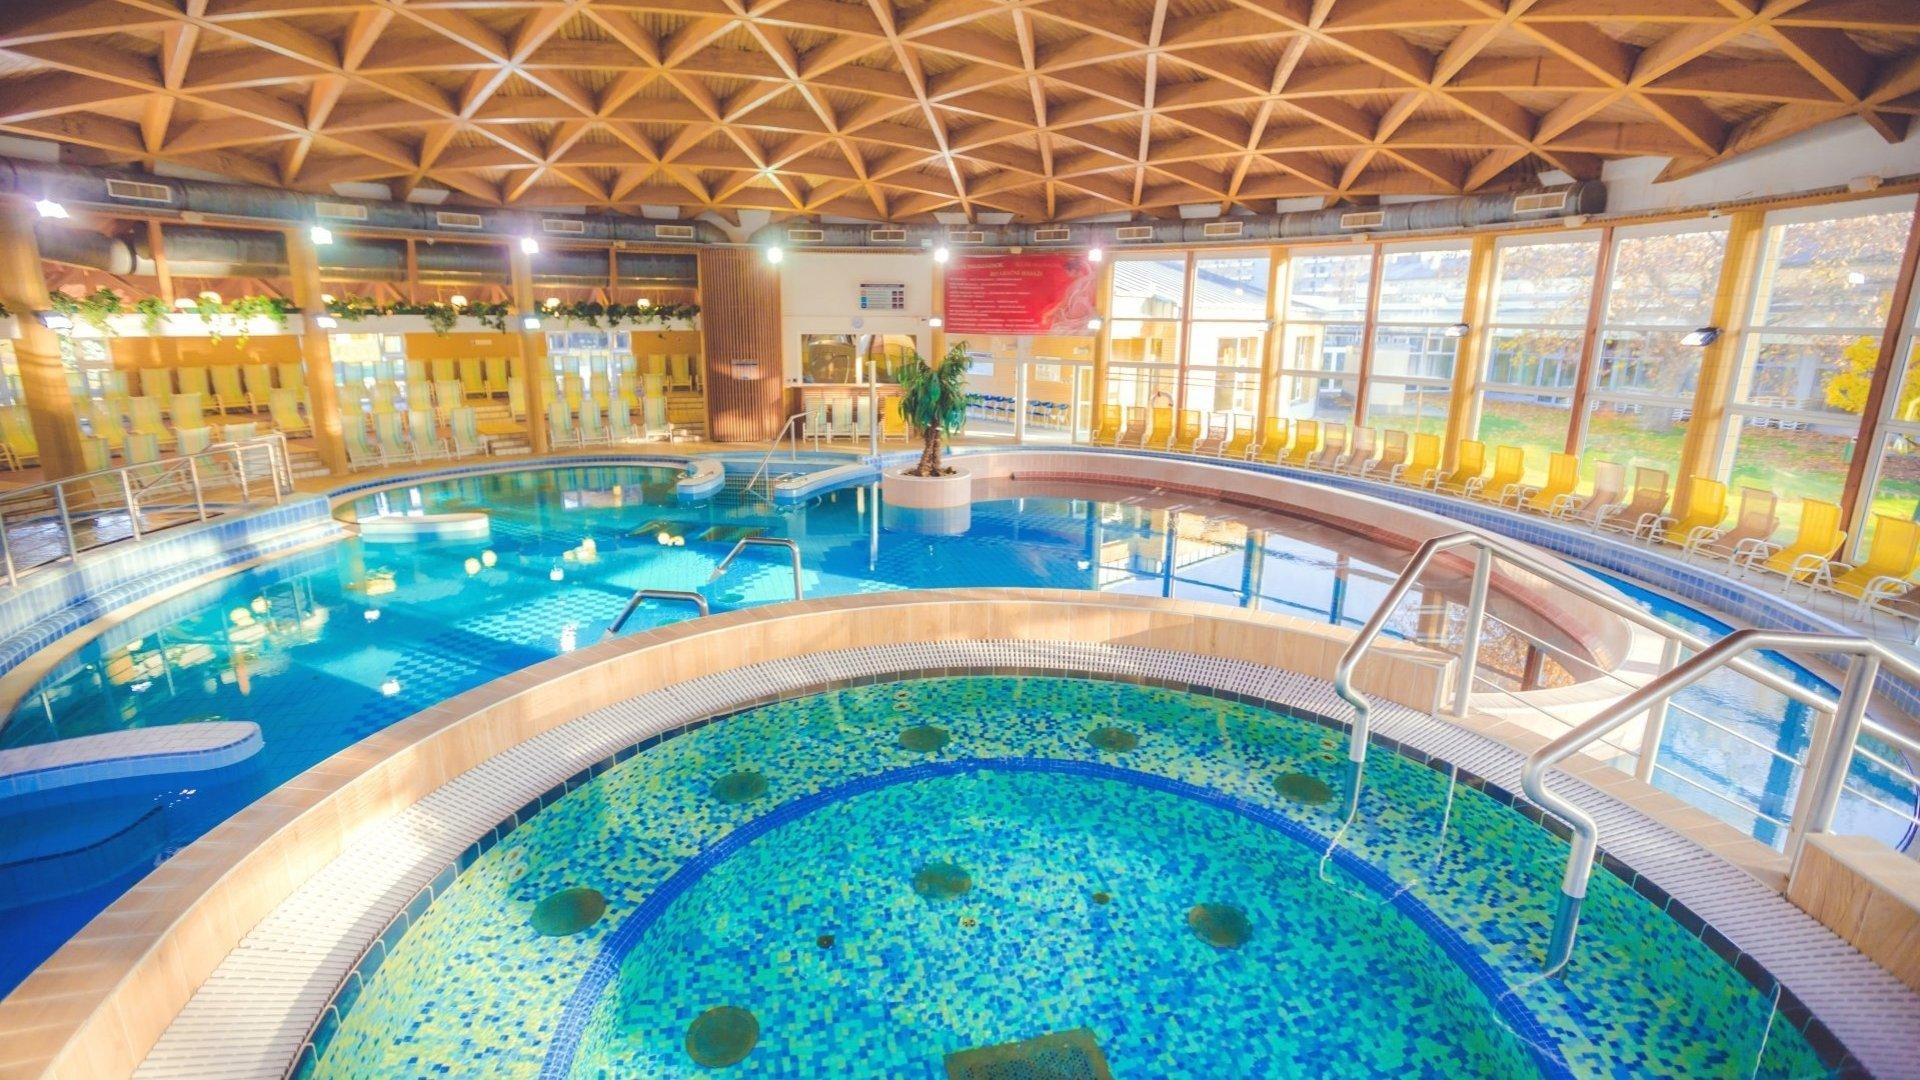 Luxusní relaxační pobyt vtermálních lázních Bükfürdő